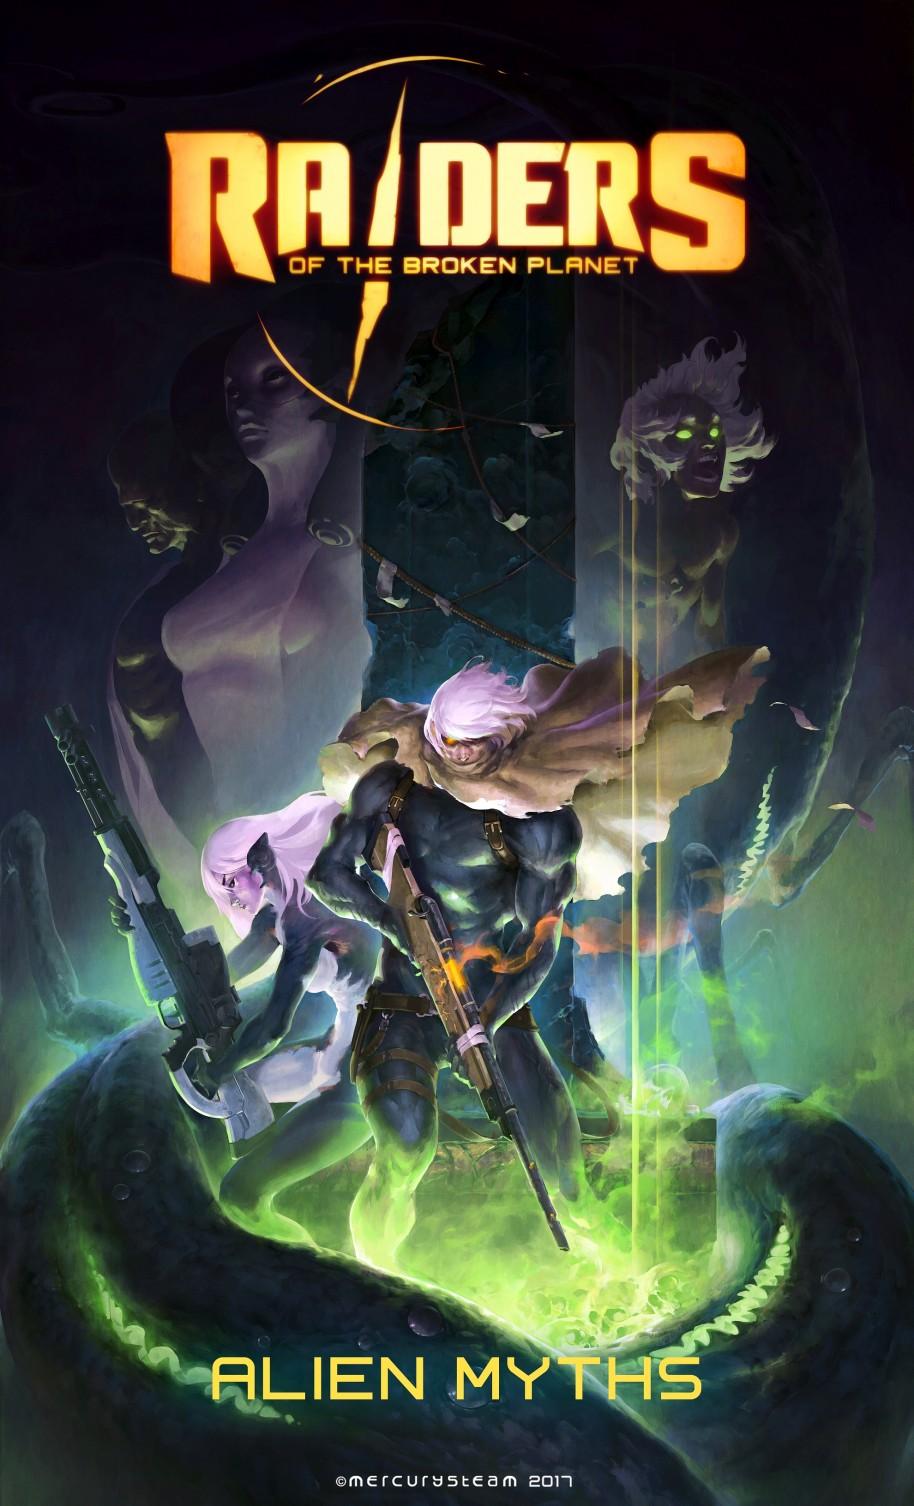 Raiders of the Broken Planet: Raiders of the Broken Planet, la nueva visión de Mercury Steam